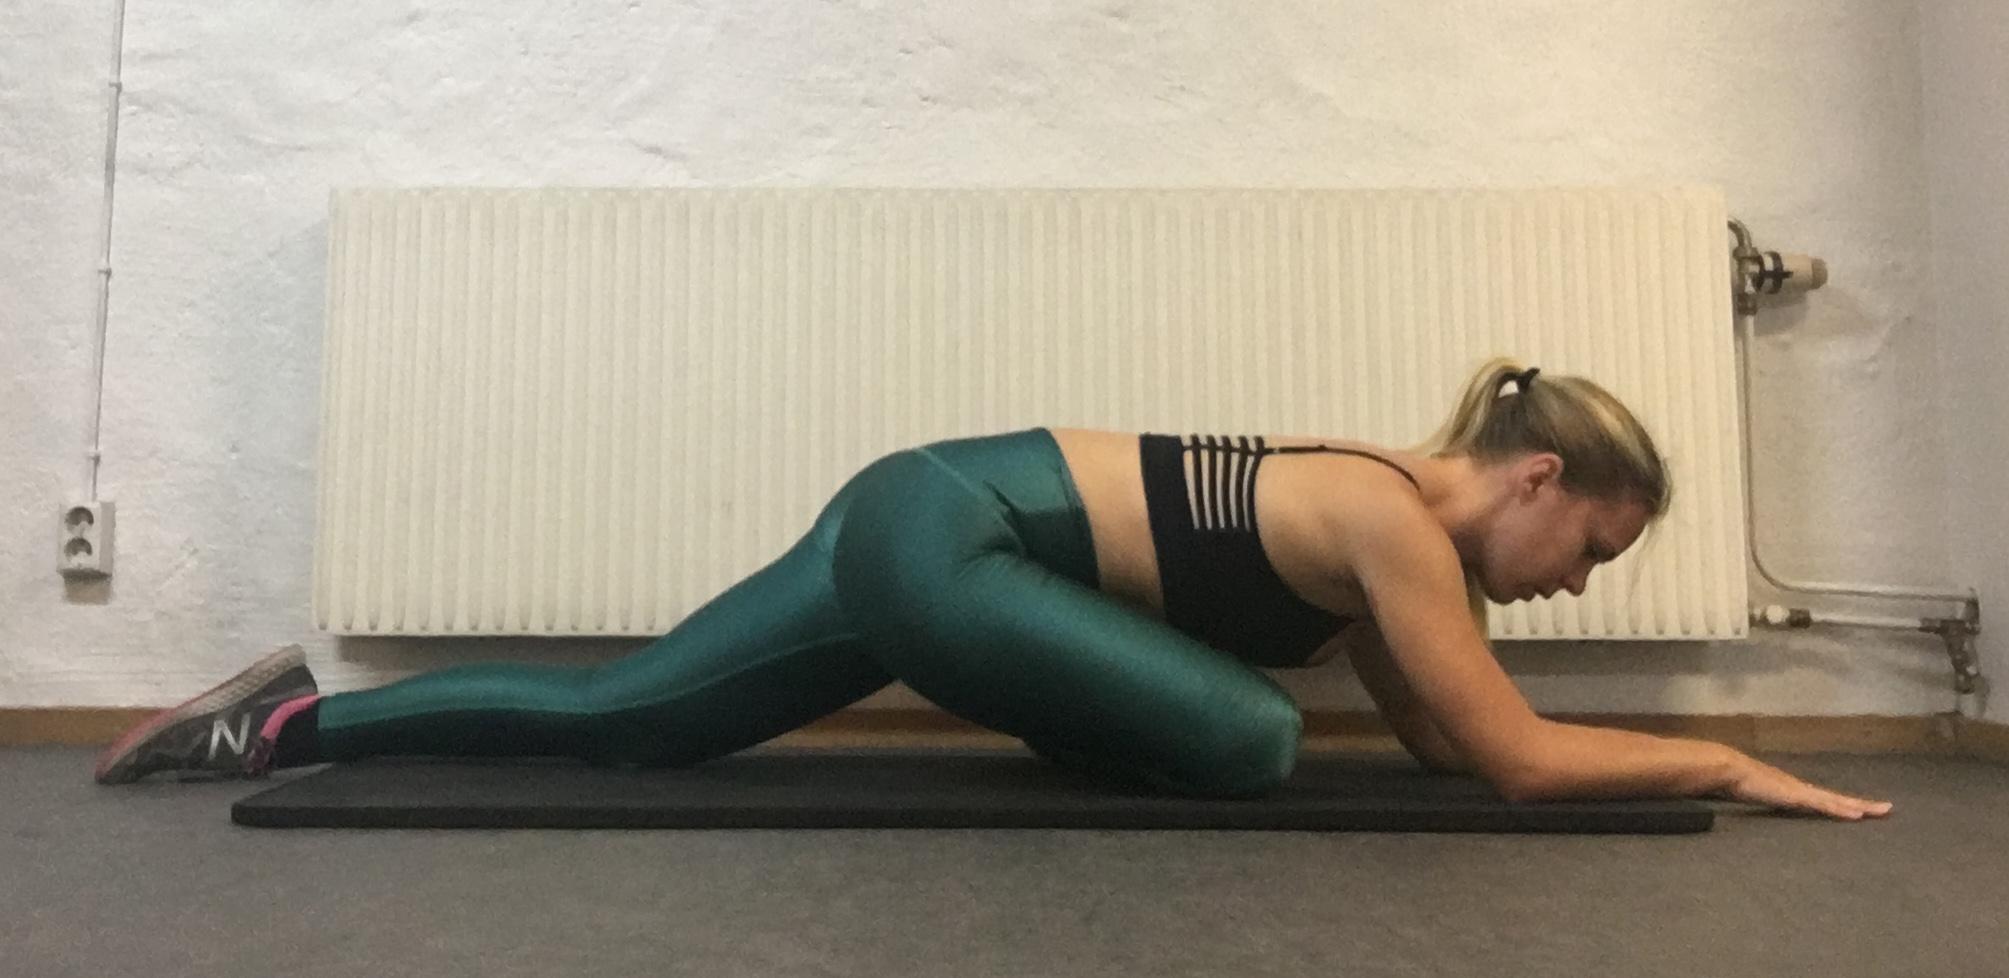 Yogaposition halv duva yogaövningar stretch